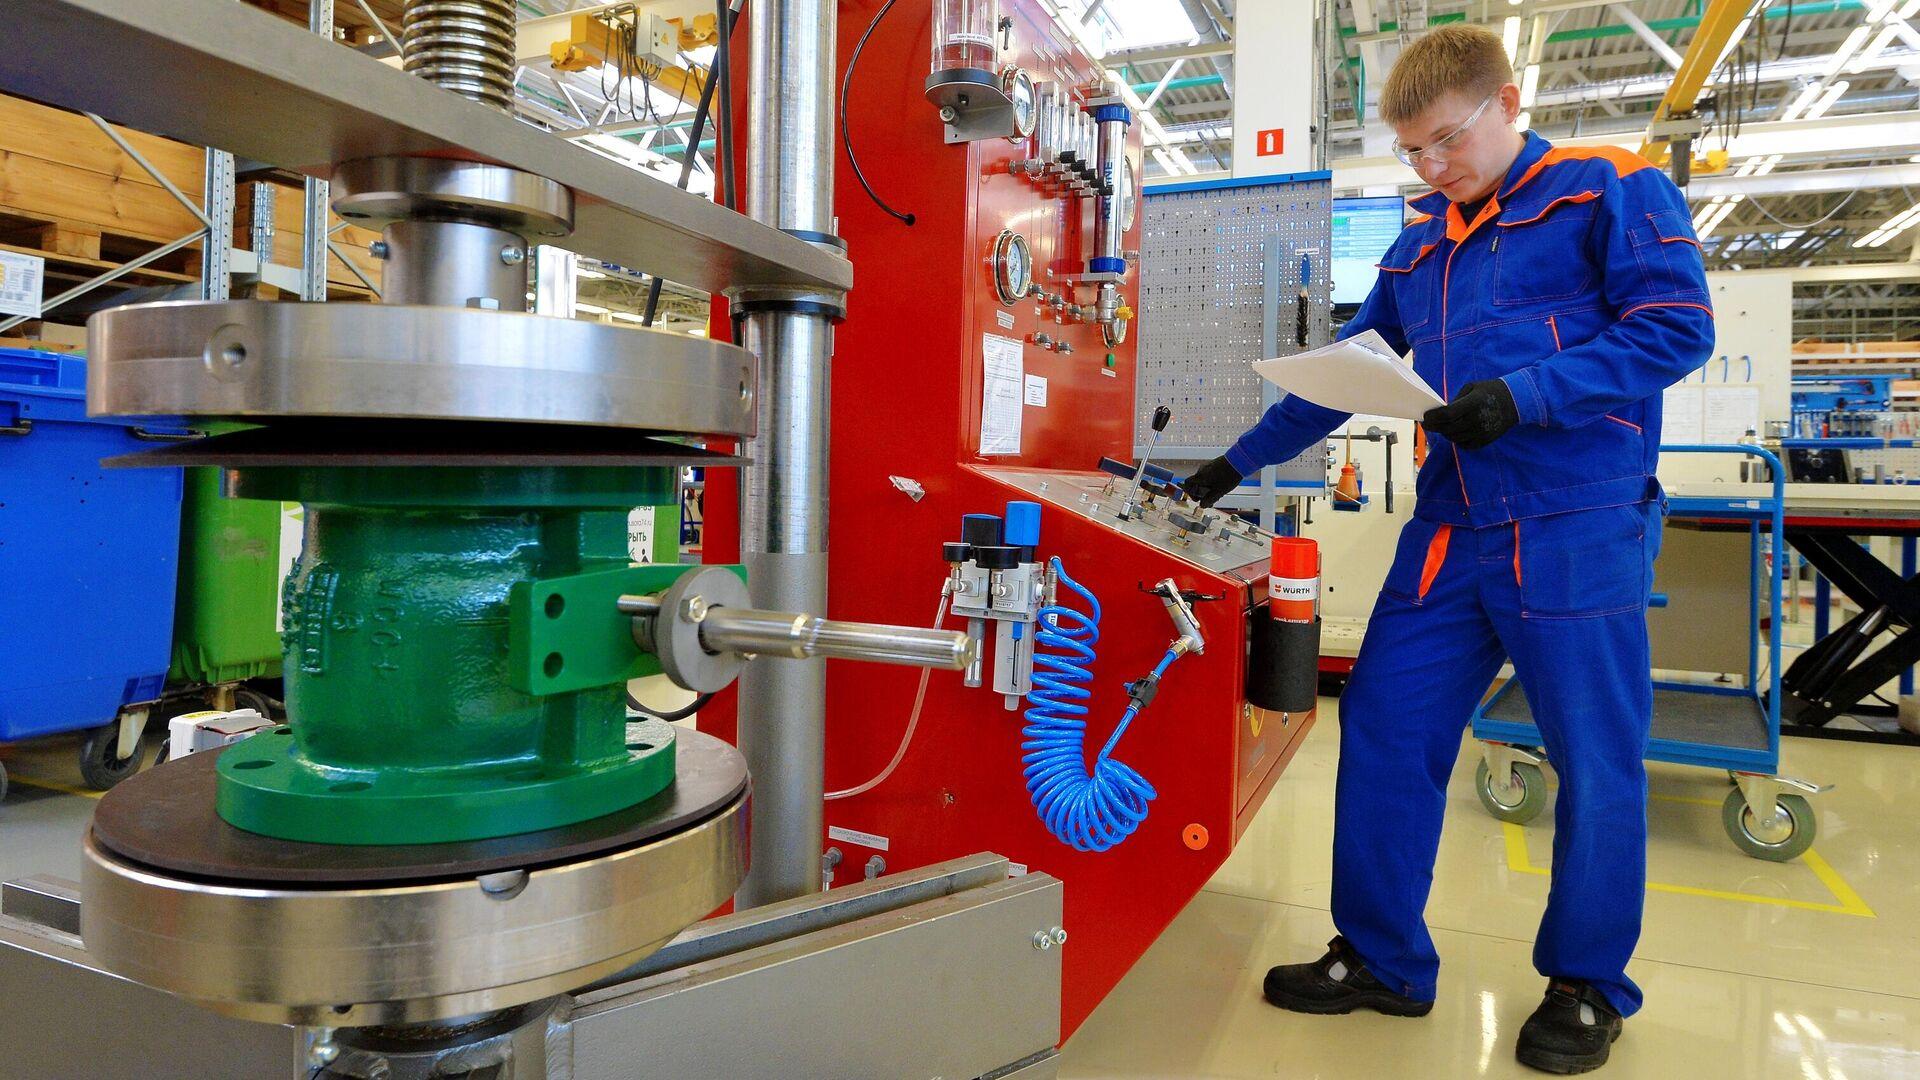 Российские ученые разработали новую конструкцию трубопроводного клапана